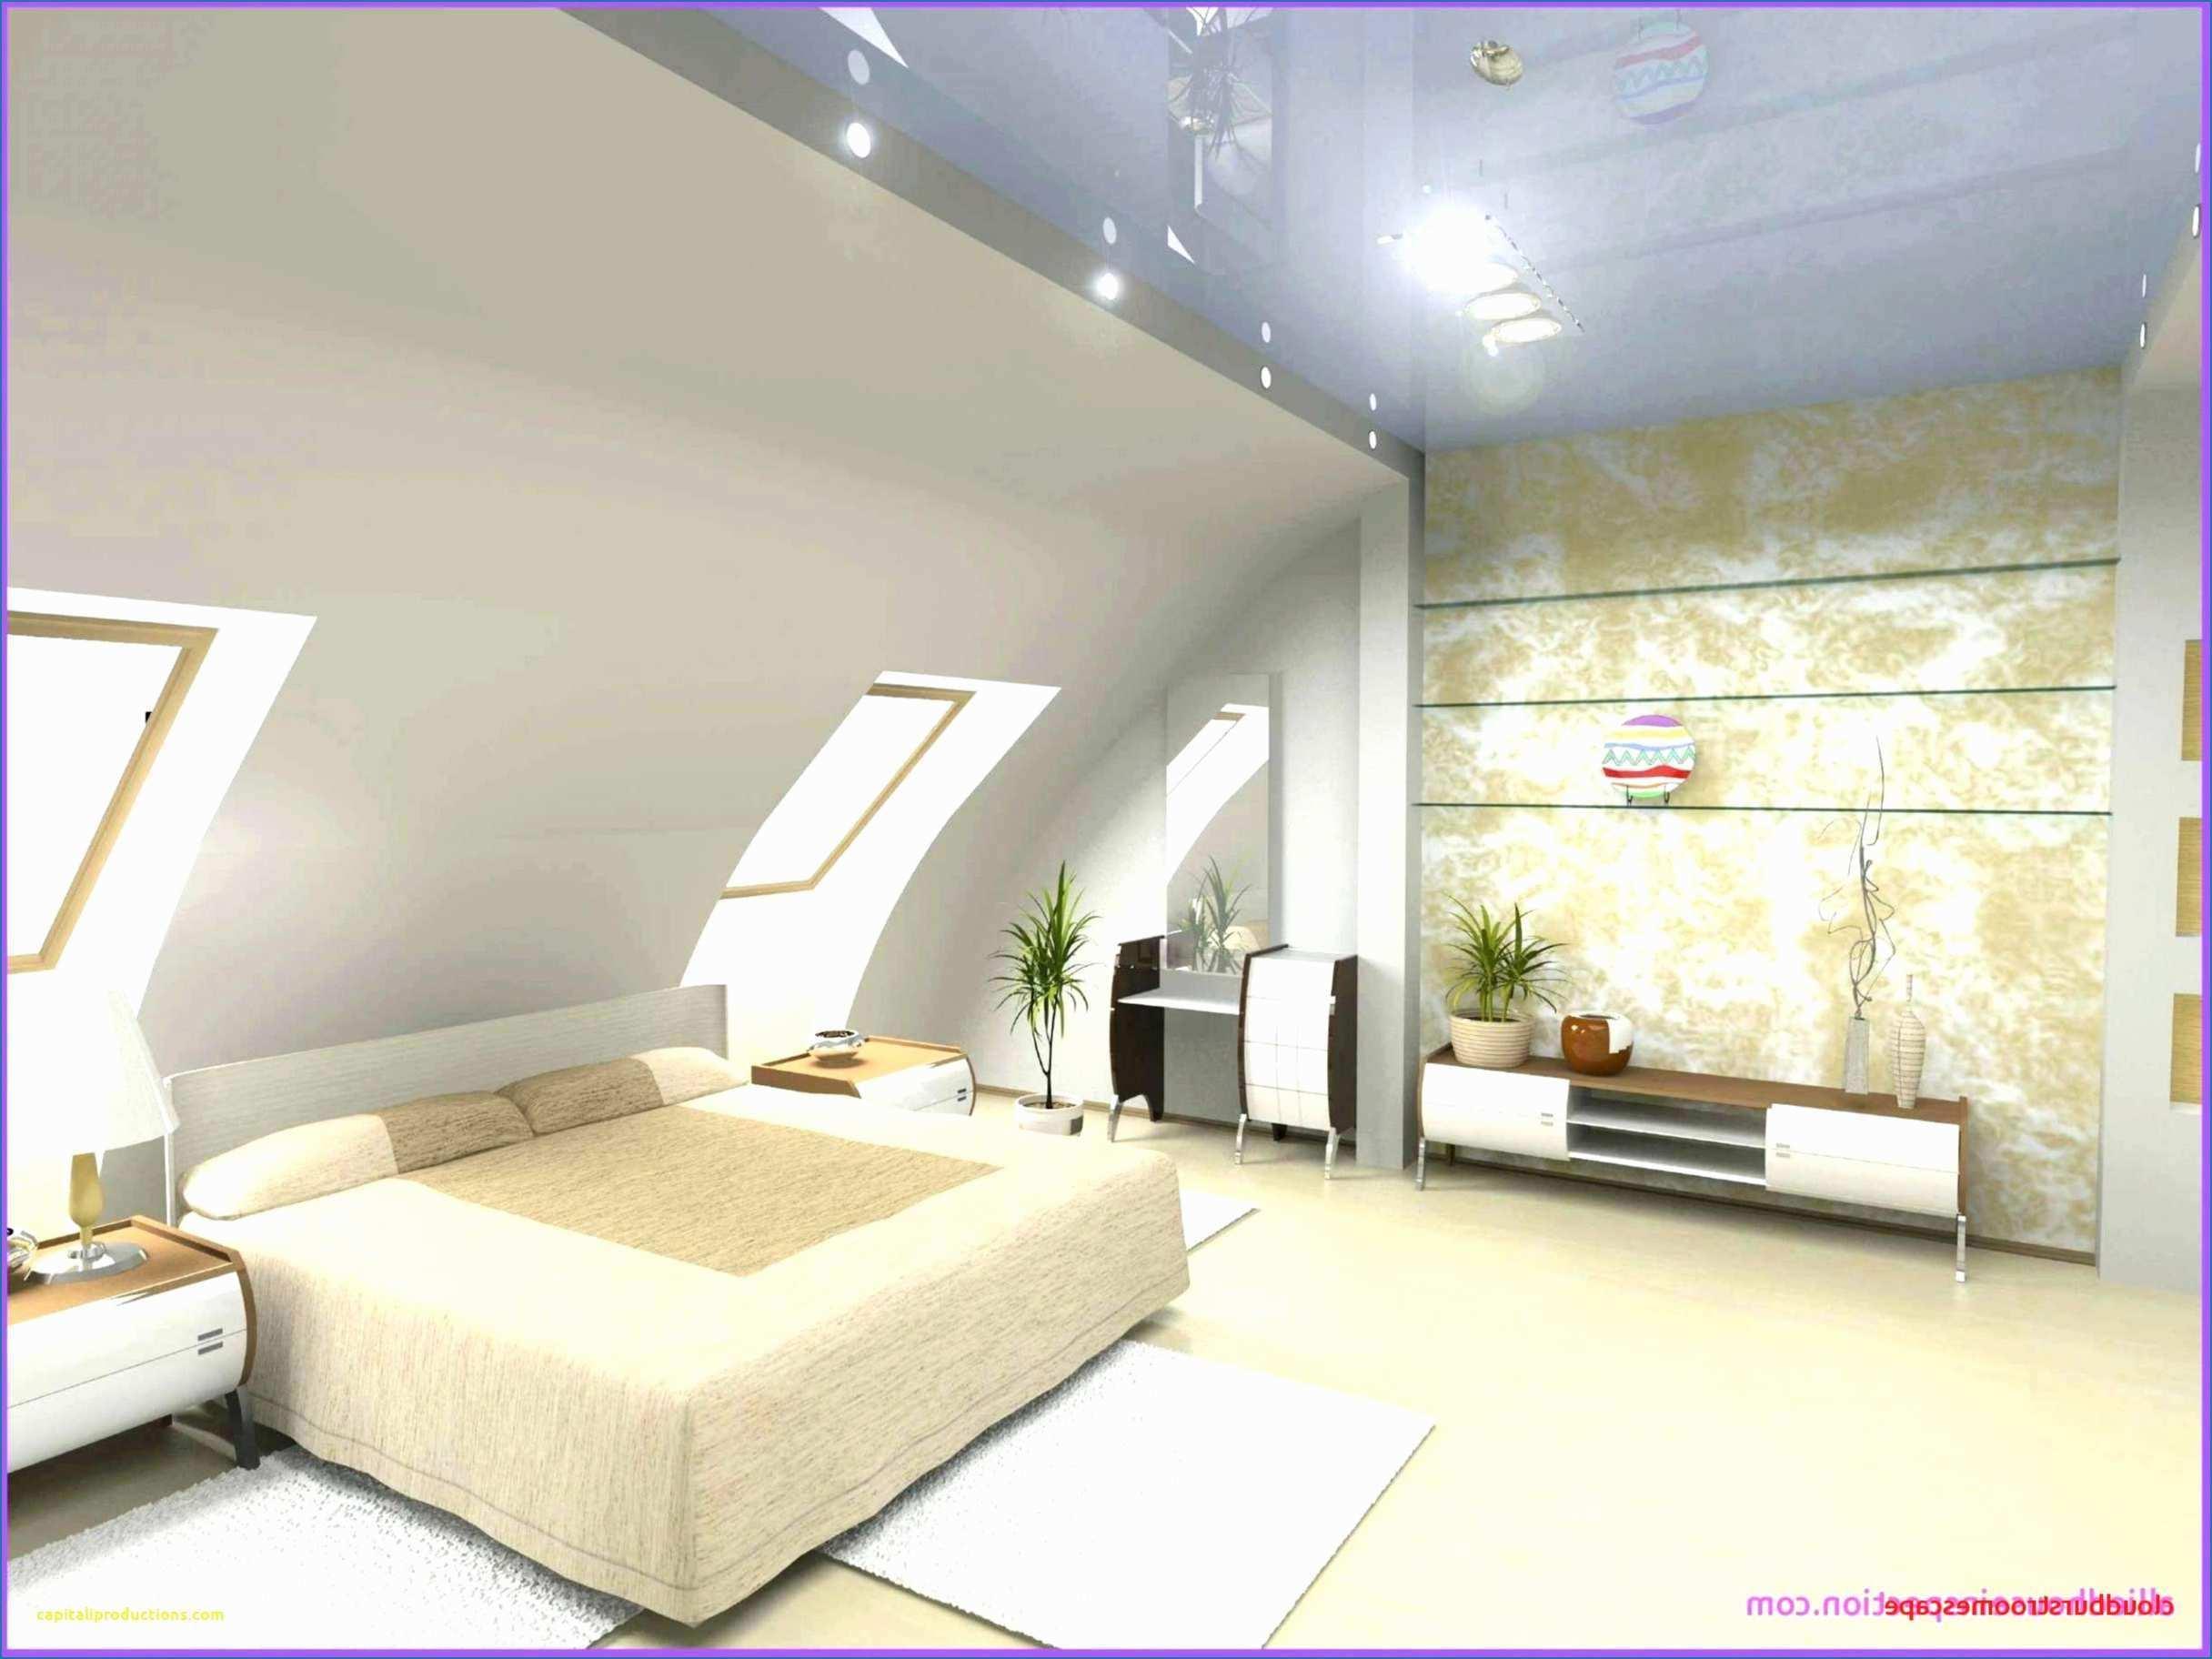 Full Size of Wohnzimmer Led Lampe Lampen Decke Das Beste Von Reizend Stehlampen Hängeschrank Weiß Hochglanz Sofa Kleines Deckenlampe Deckenleuchte Bad Spiegelschrank Wohnzimmer Wohnzimmer Led Lampe